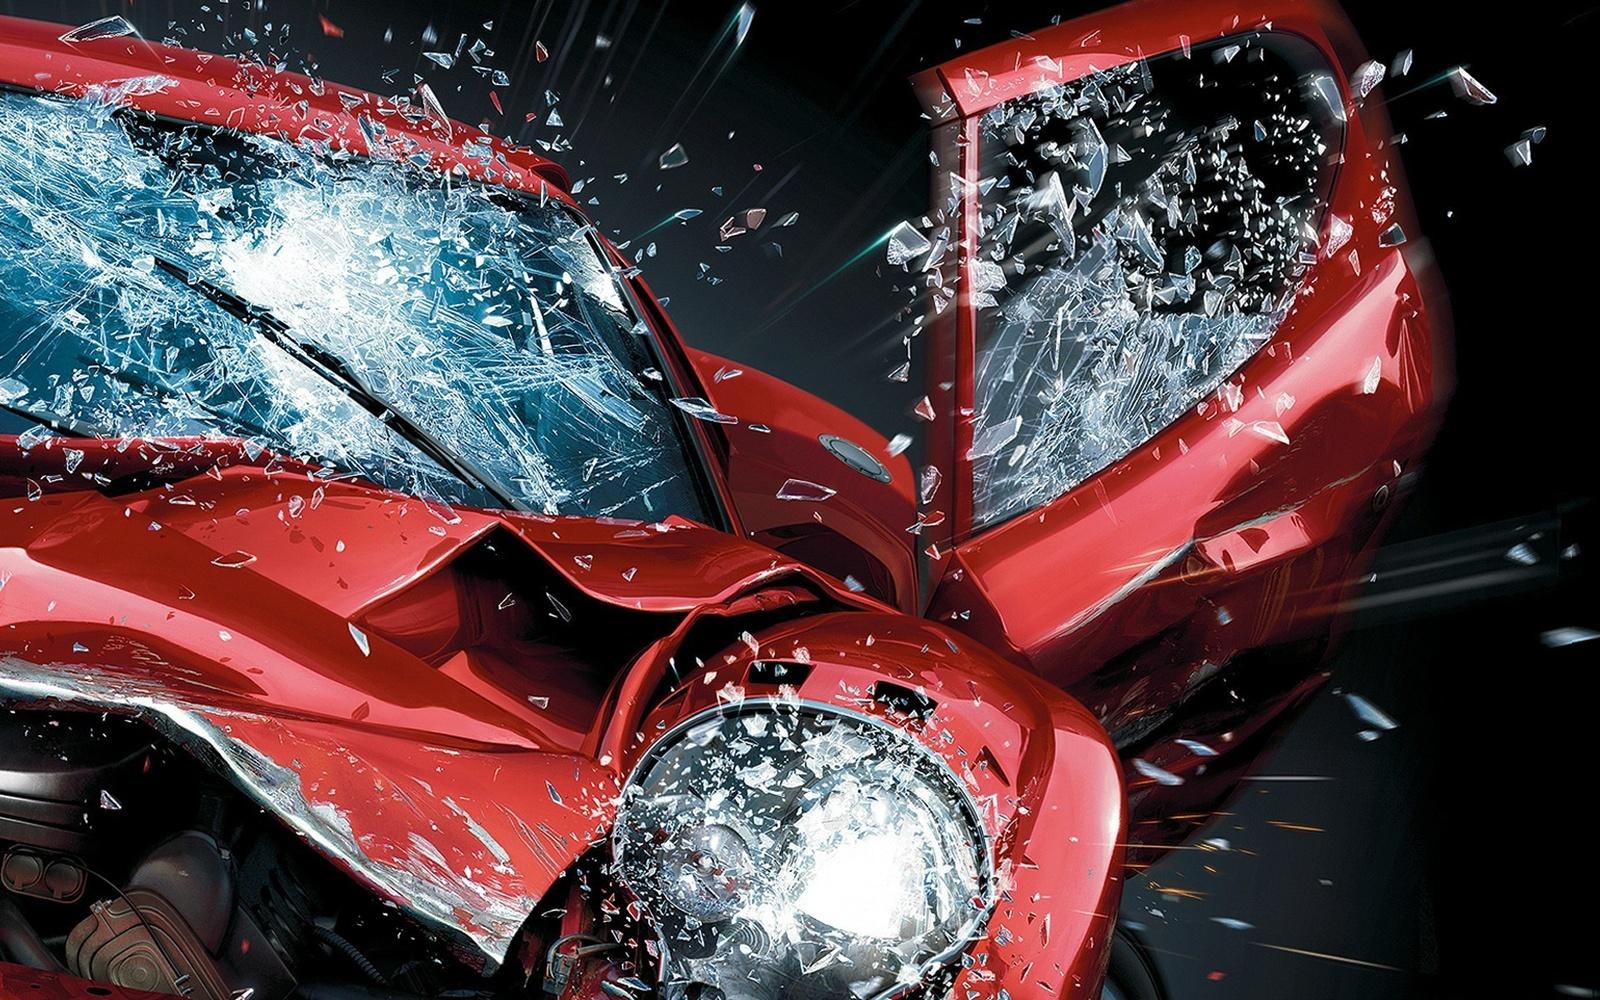 Crash car 3d wallpaper 10